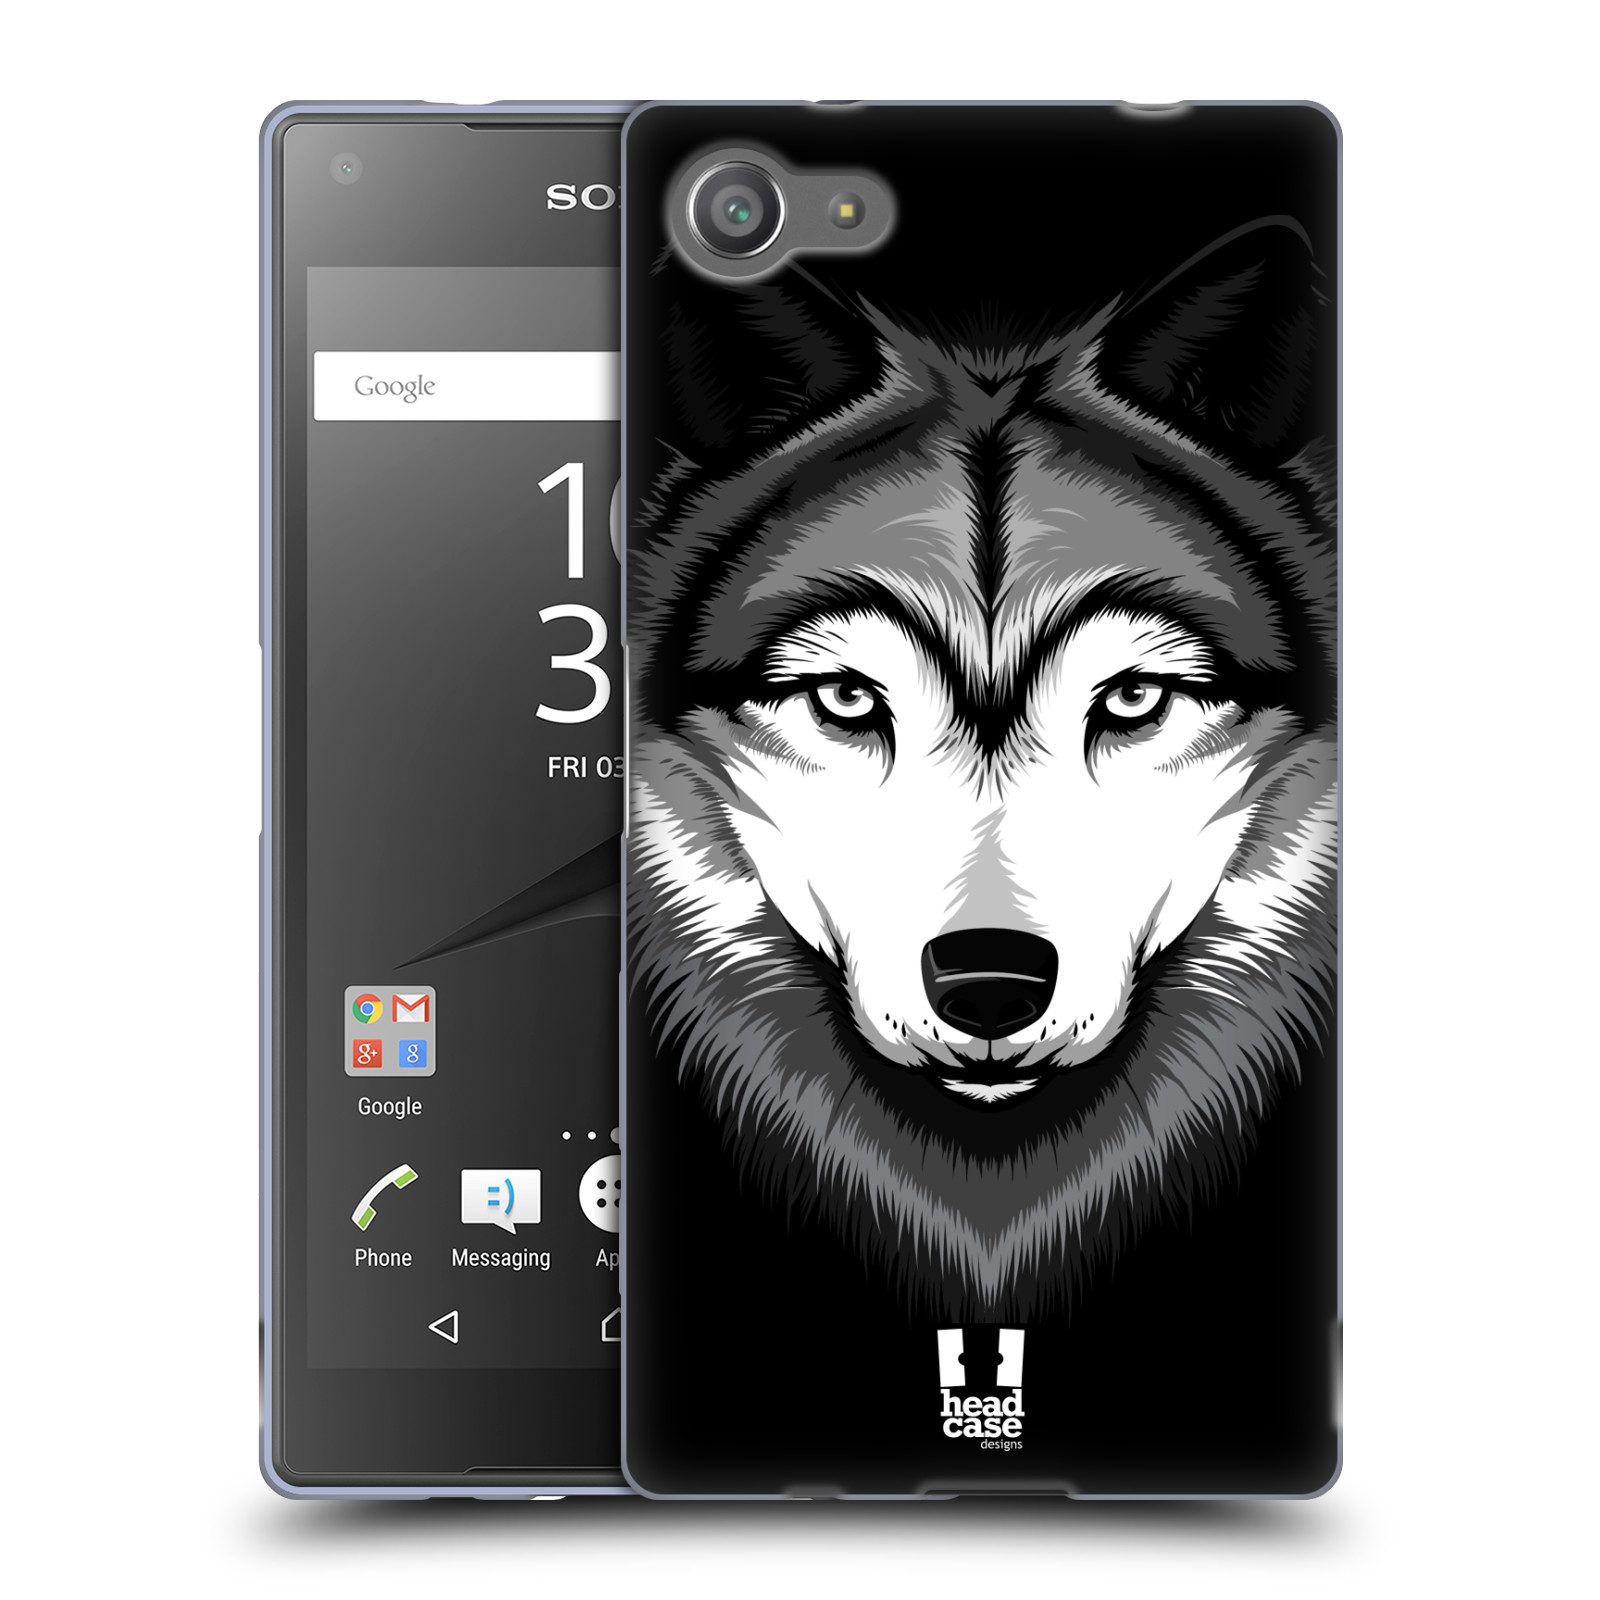 Silikonové pouzdro na mobil Sony Xperia Z5 Compact HEAD CASE ILUSTROVANÝ VLK